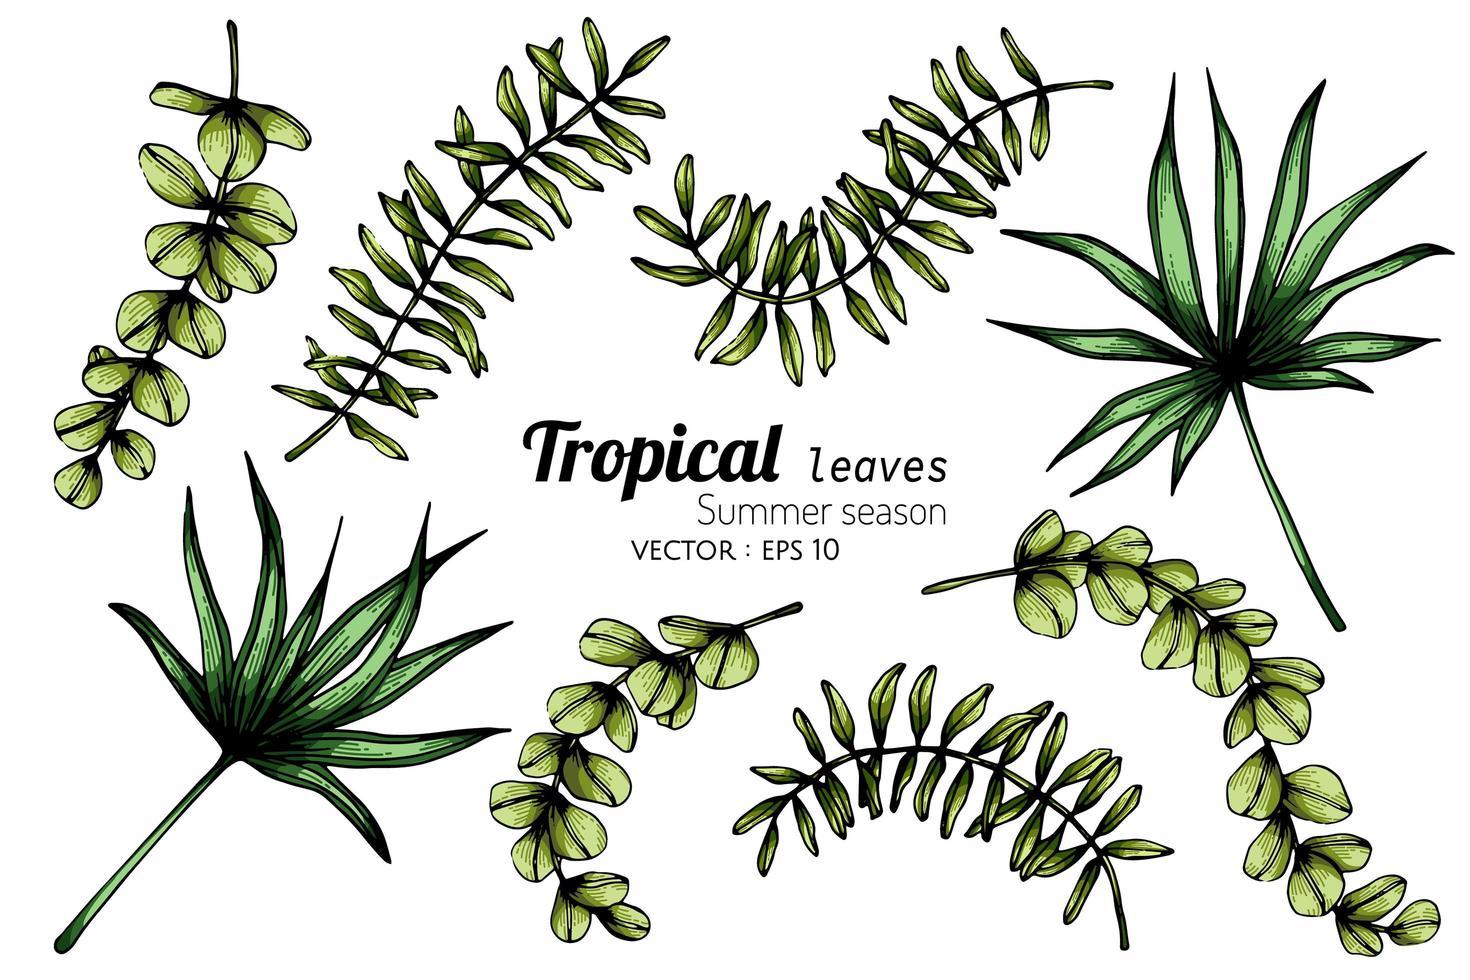 insieme di vari tipi di foglie tropicali vettore